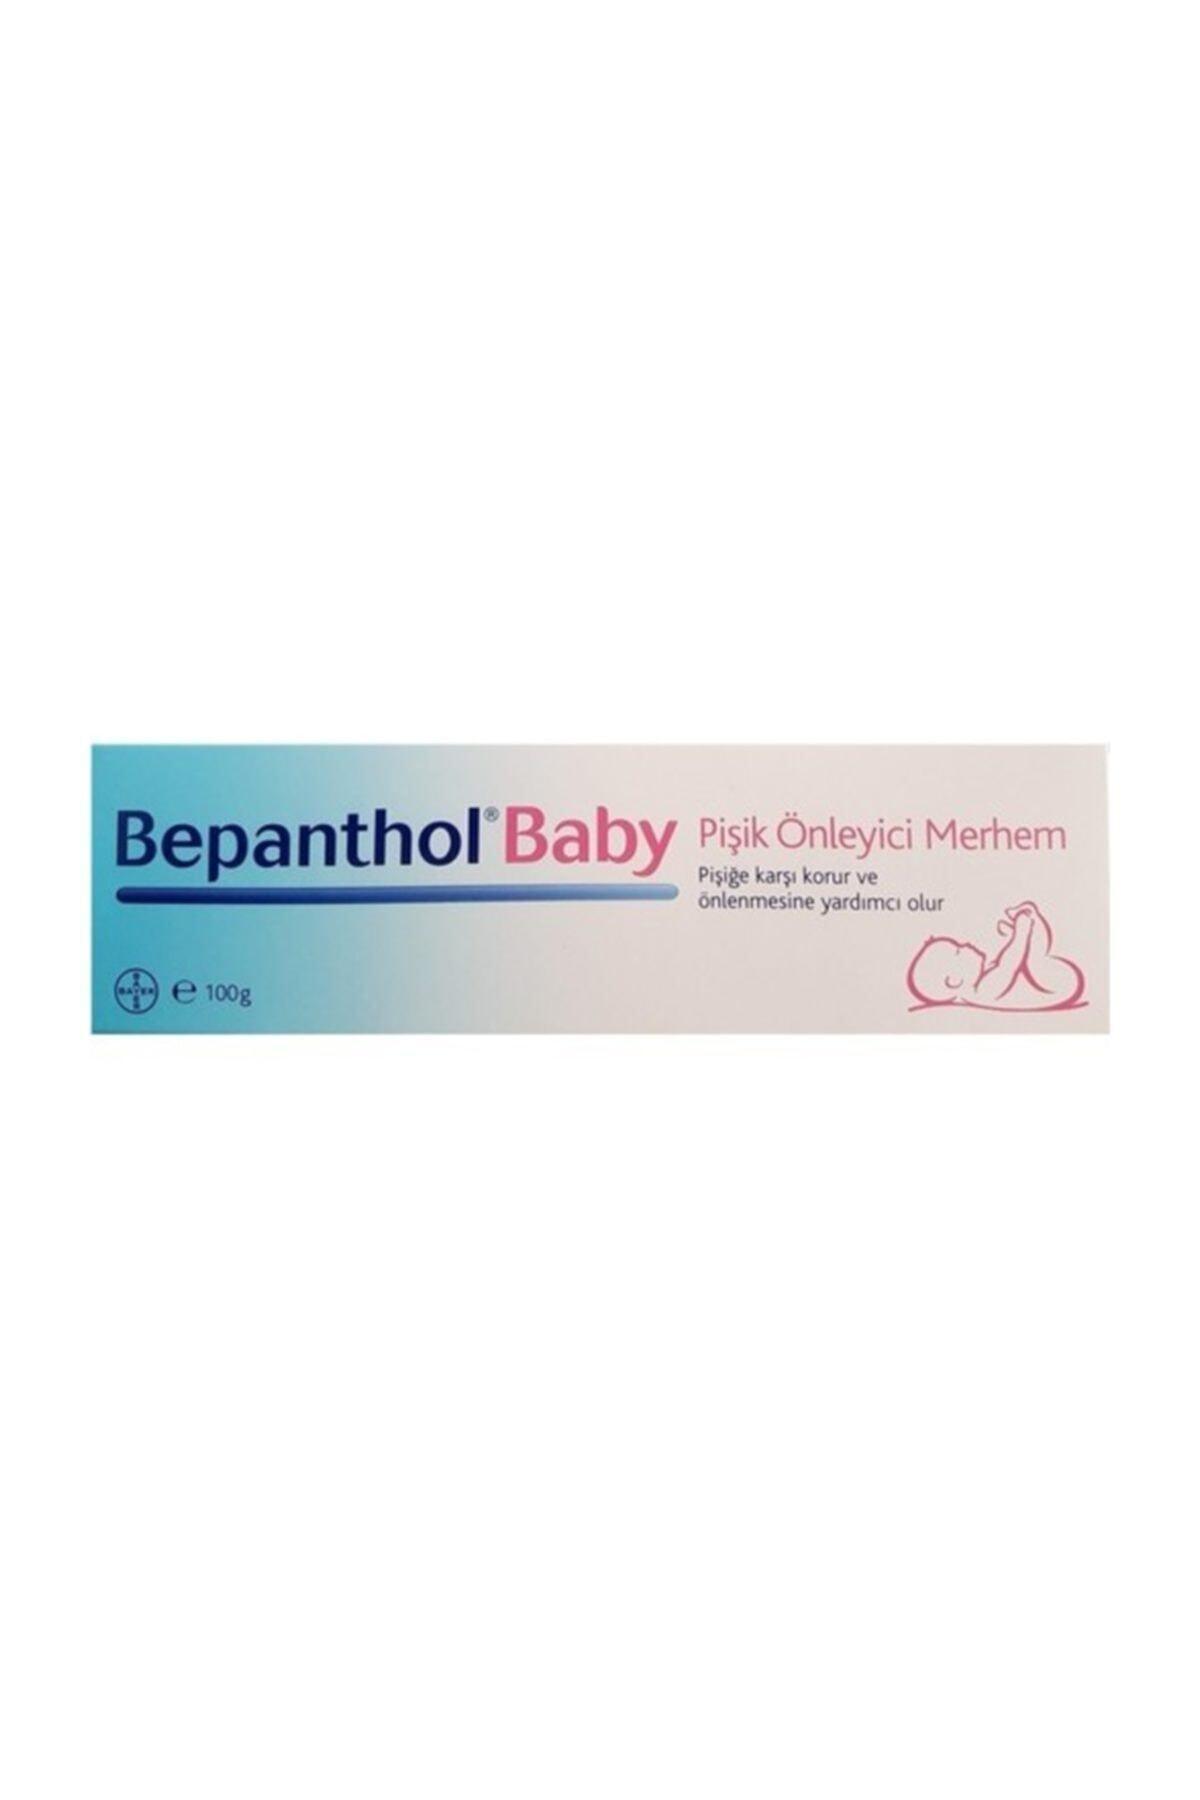 Bepanthol Baby Pişik Önleyici Merhem 100 Gr 1